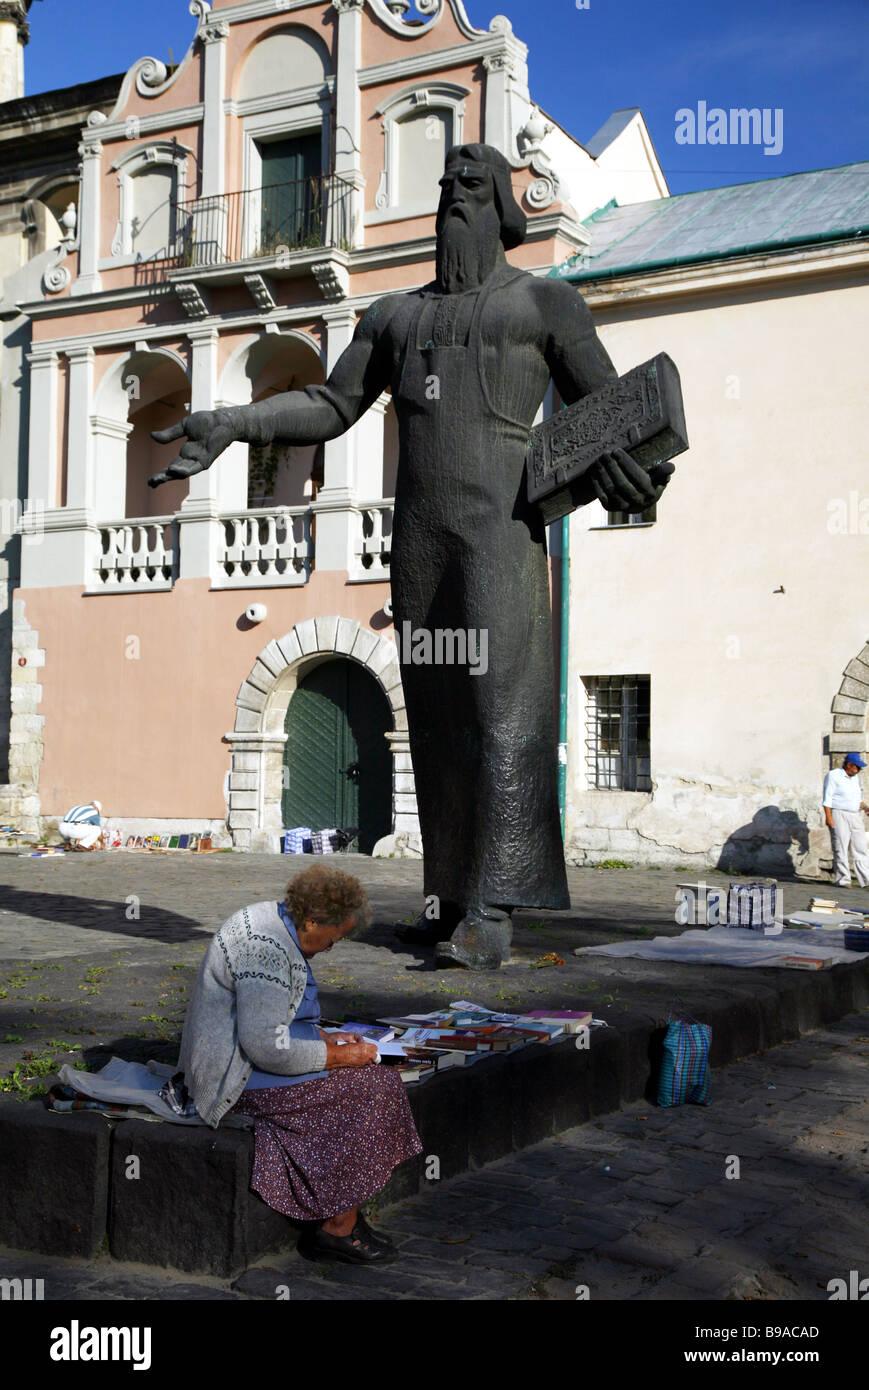 BOOK SELLER & MONUMENT L'VIV LVOV UKRAINE LVIV UKRAINE 02 September 2007 - Stock Image